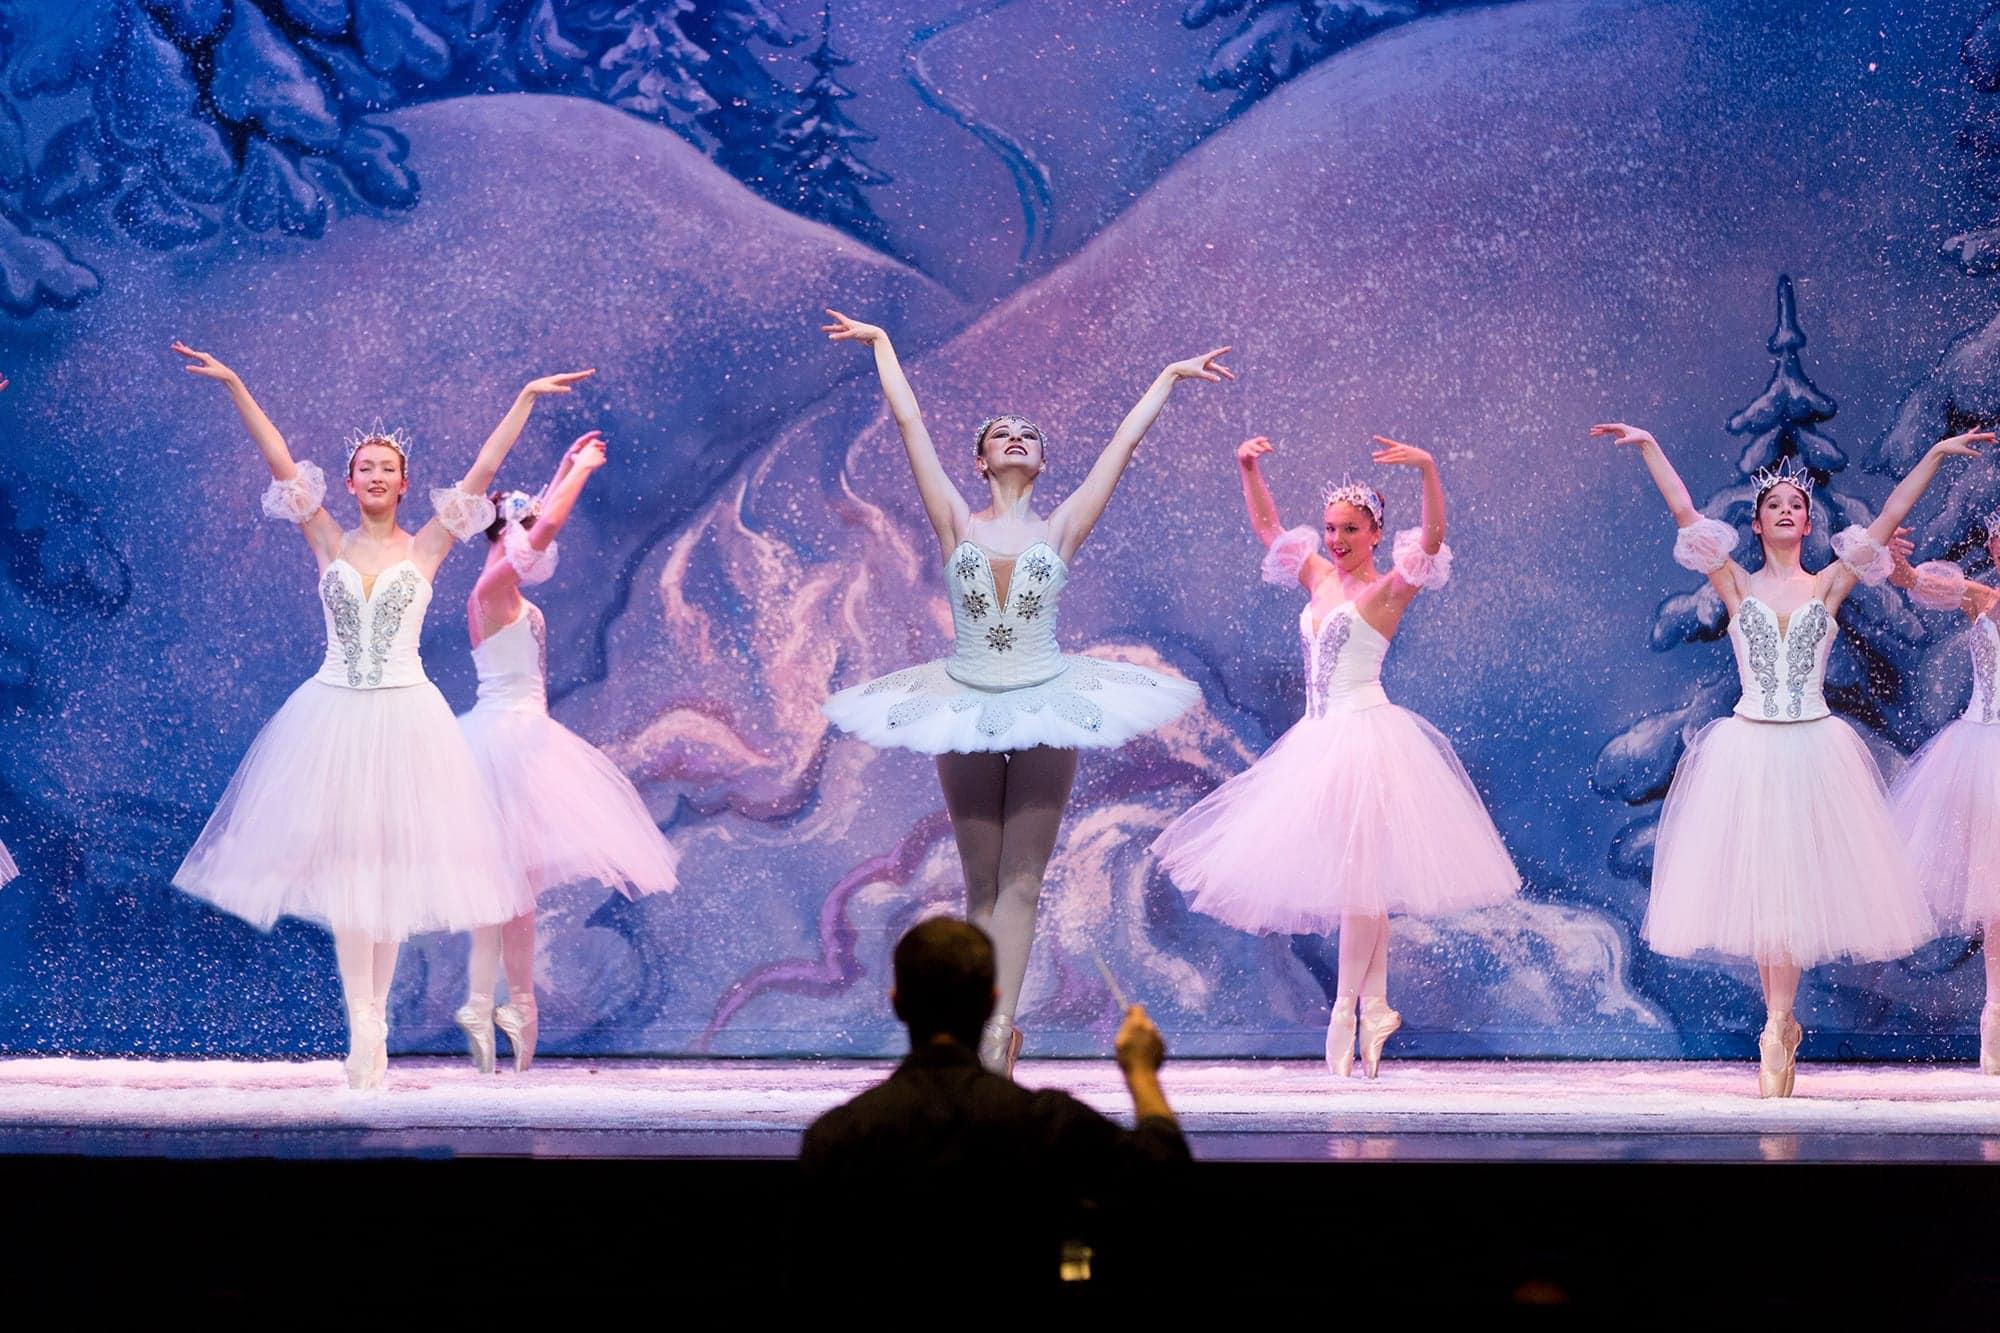 Nutcracker Kansas Ballet snow scene nologo